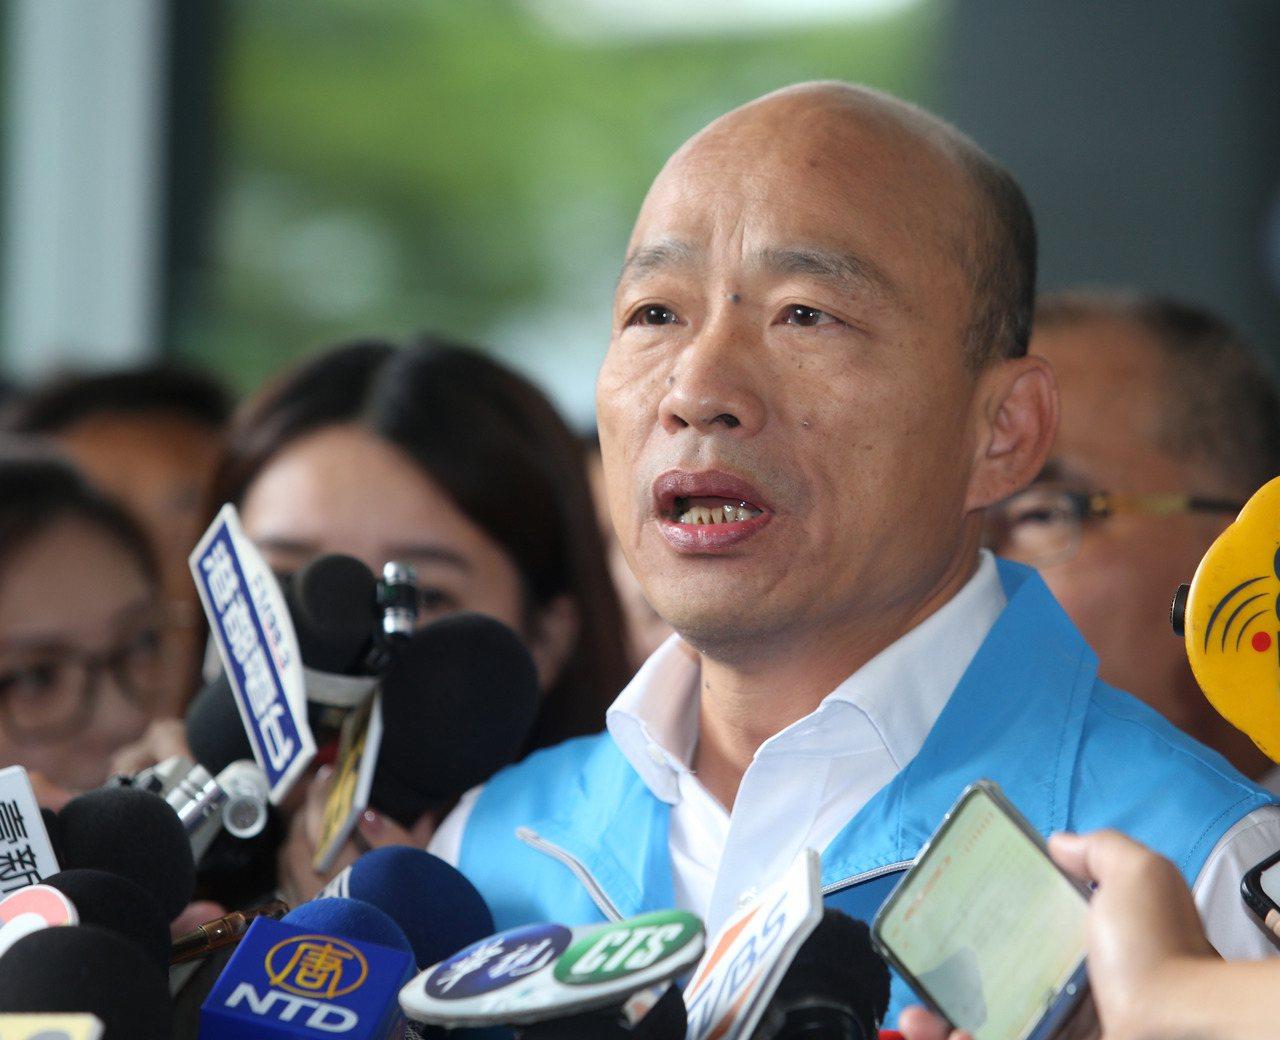 高雄市長韓國瑜宣布昨起請假參選。圖/聯合報系資料照片